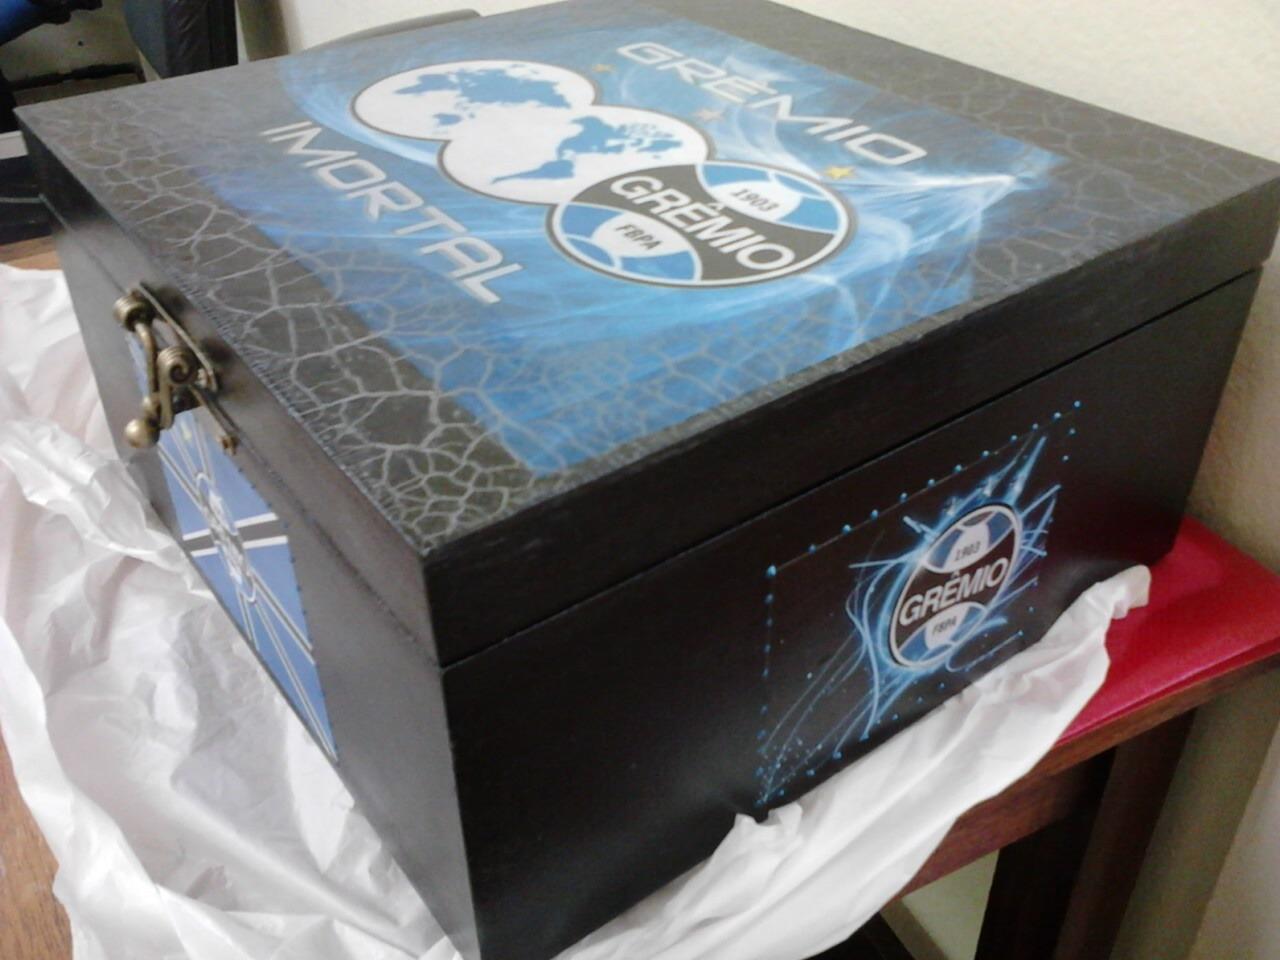 Caixa decorada Time de futebol Caixa decorada Time de futebol Caixa  #762828 1280x960